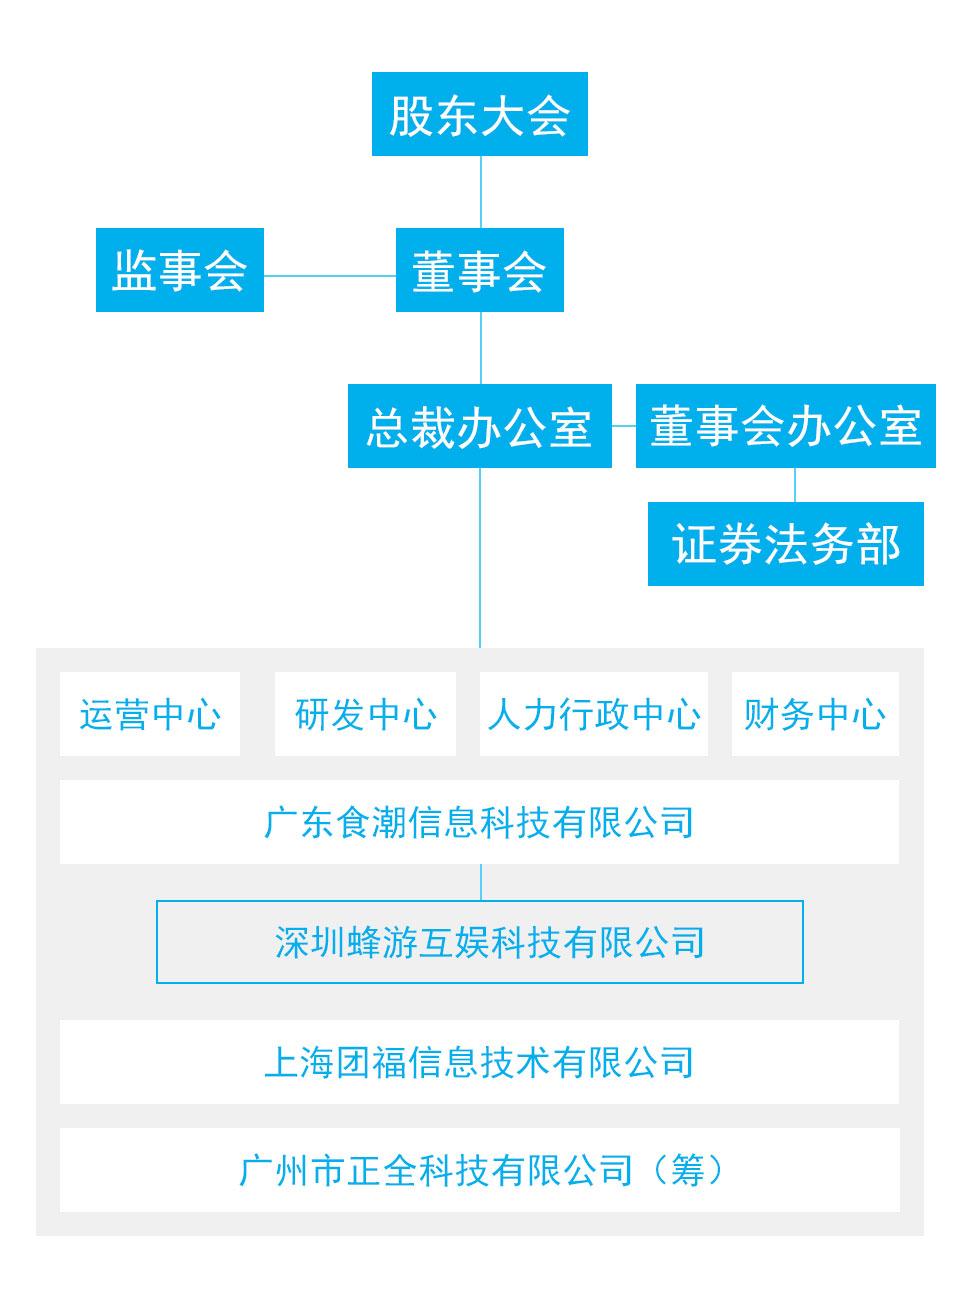 食潮公司专注于移动互联网应用及服务